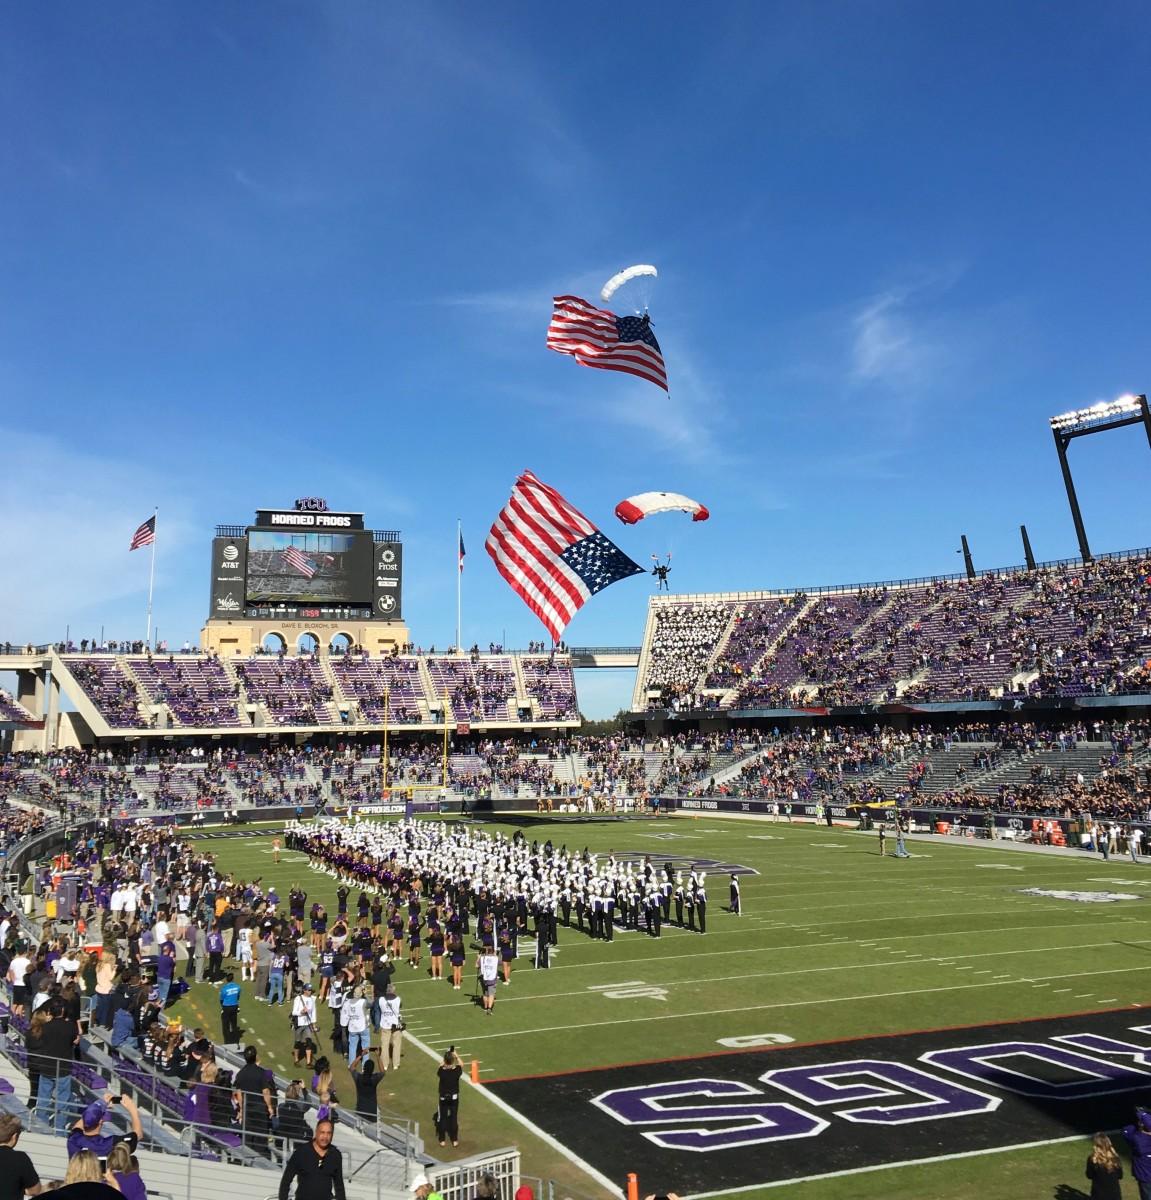 Texas Christian University Horned Frog Football